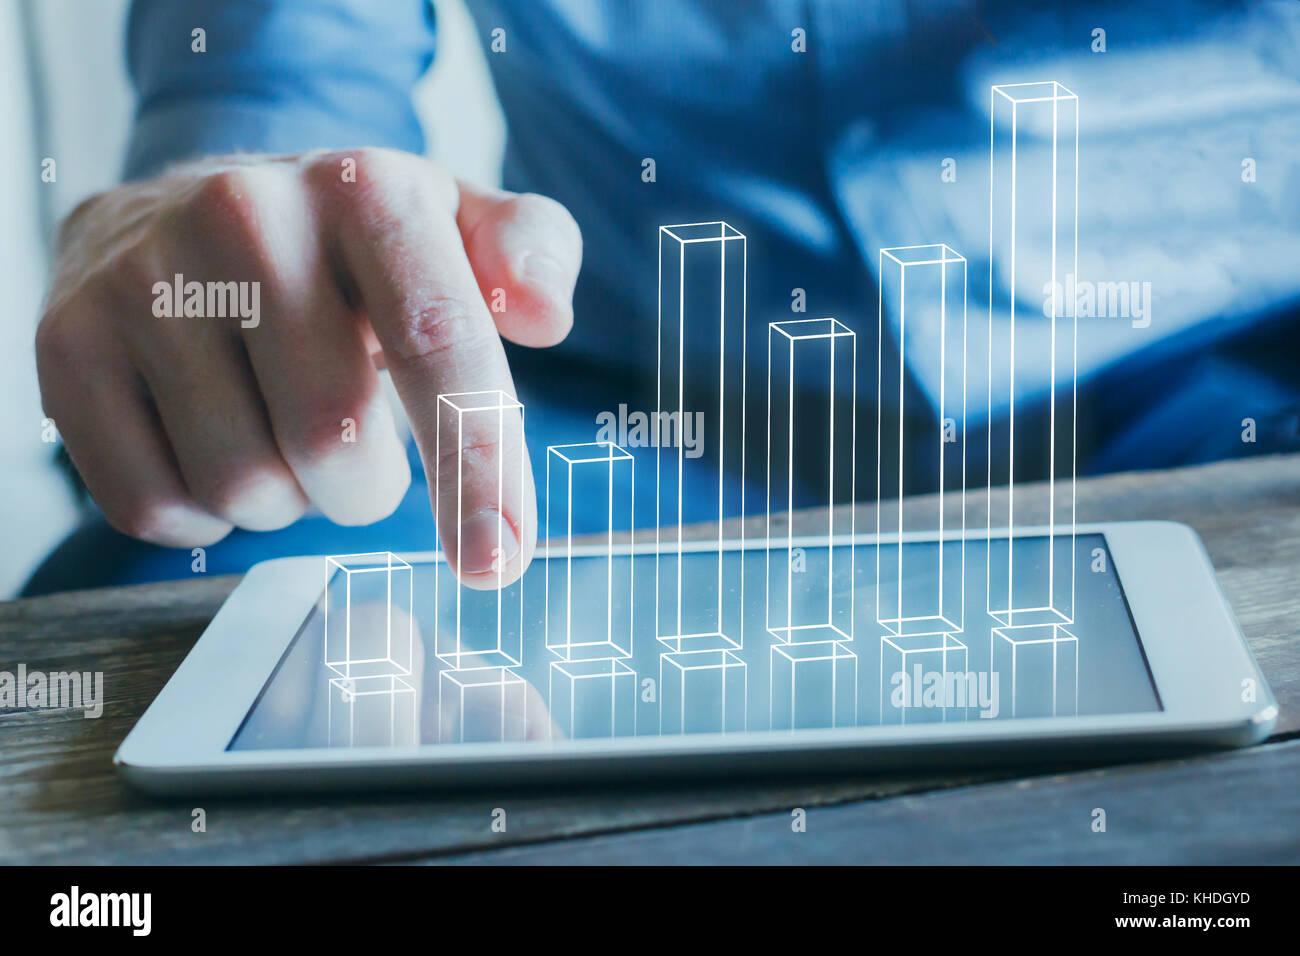 Analisi di business e tecnologia finanziaria, concetto grafico 3d dalla schermata della tavoletta digitale computer Immagini Stock